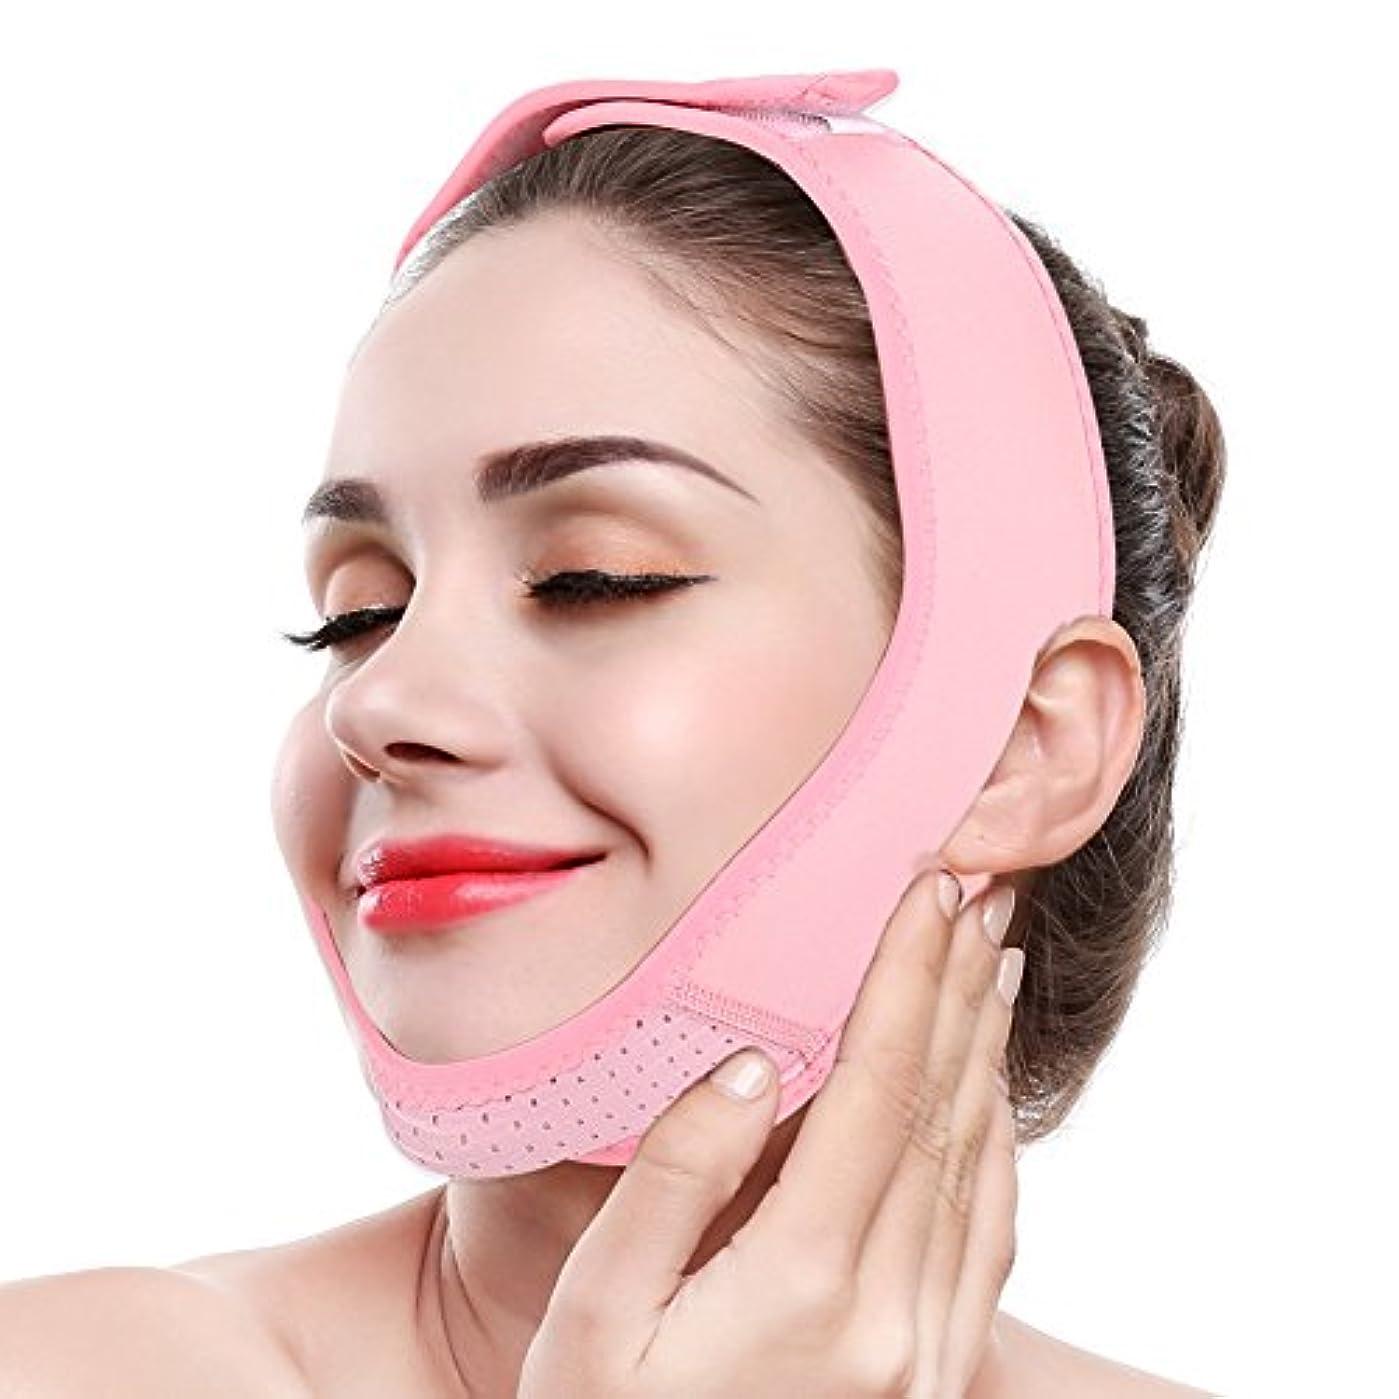 どこか花火一般的なフェイシャル痩身マスク痩身包帯フェイシャルダブルチンケア減量フェイスベルト、Vラインマスクチークチンリフティングバンド、アンチエイジング&フェイス通気性コンプレッションチンバンダッグ